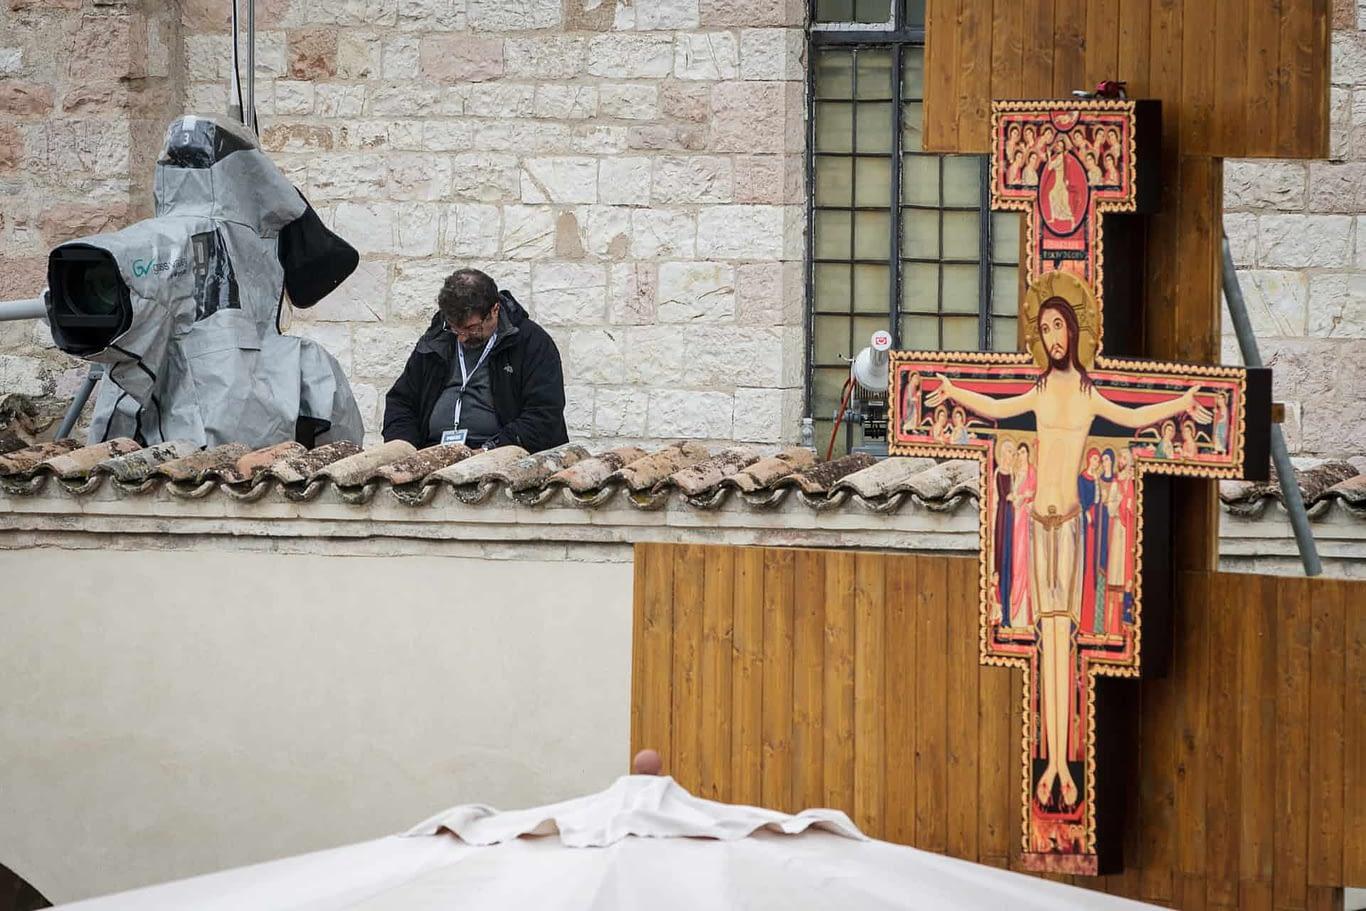 Assisi 4 ottobre 2013 - Visità di sua santità Papa Francesco ad Assissi, città di San Francesco patrono d'Italia.  I momenti e i volti delle persone che hanno preso parte alla visita.